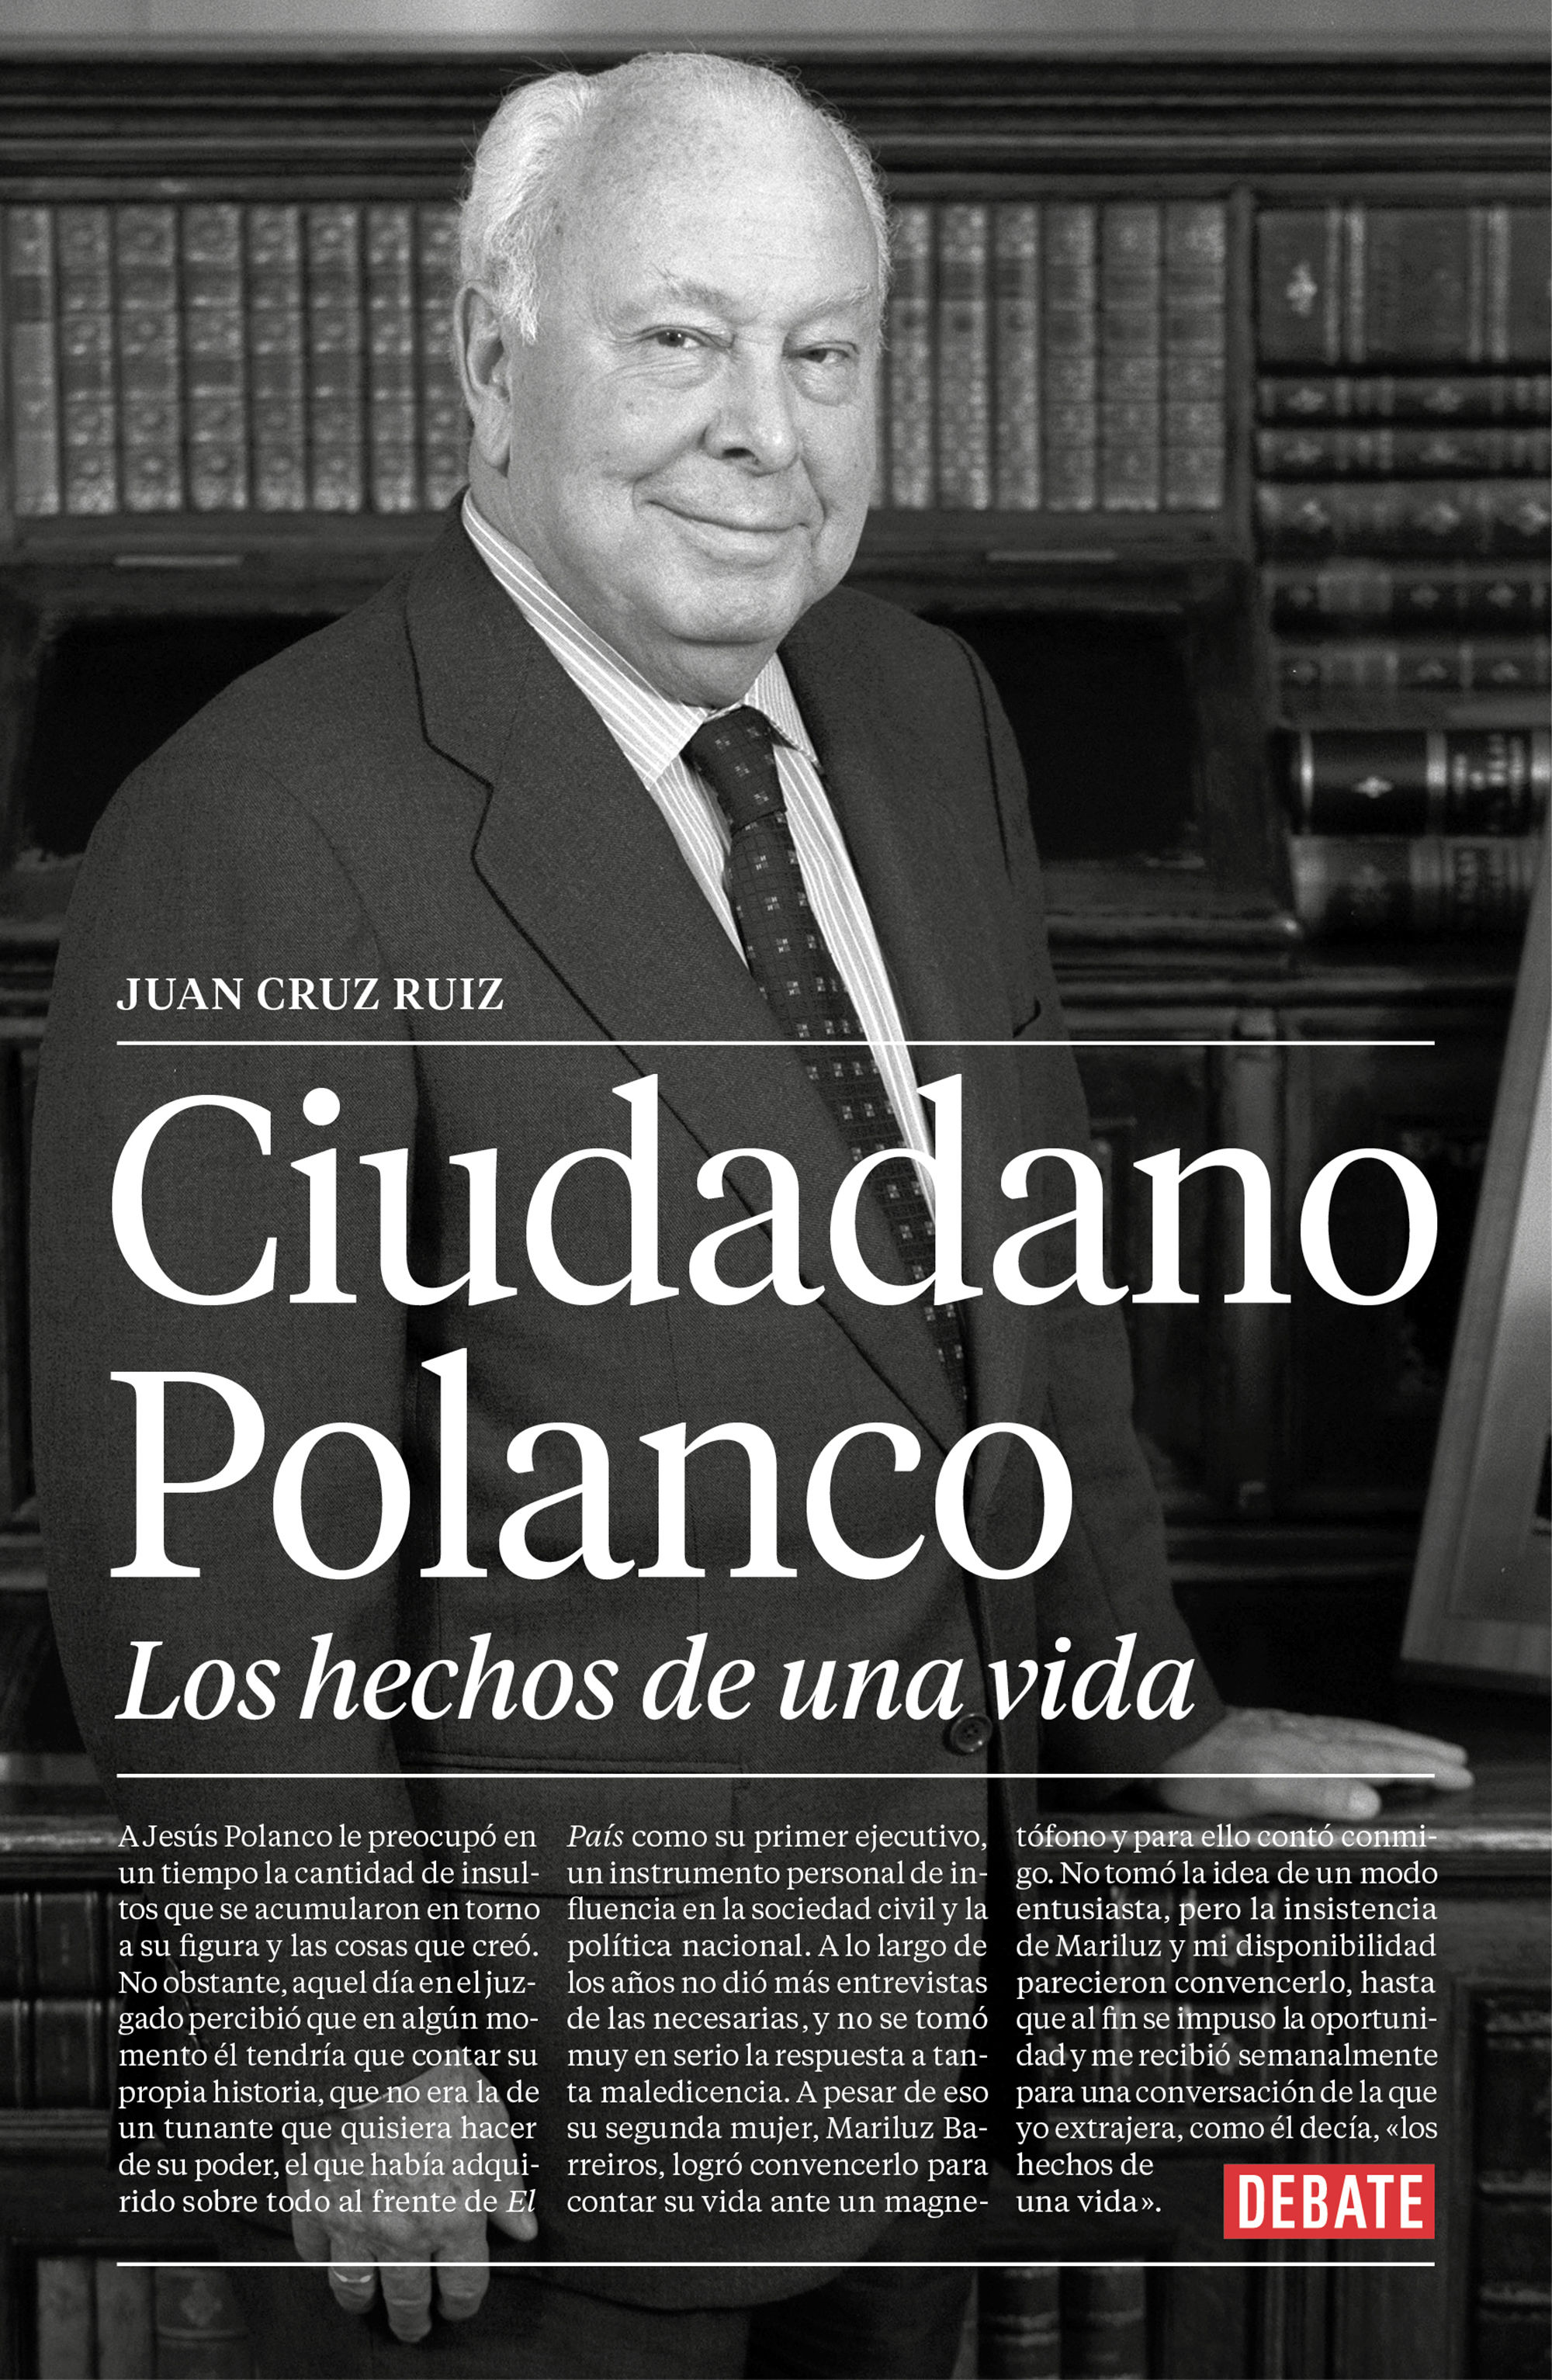 CIUDADANO POLANCO, LOS HECHOS DE UNA VIDA